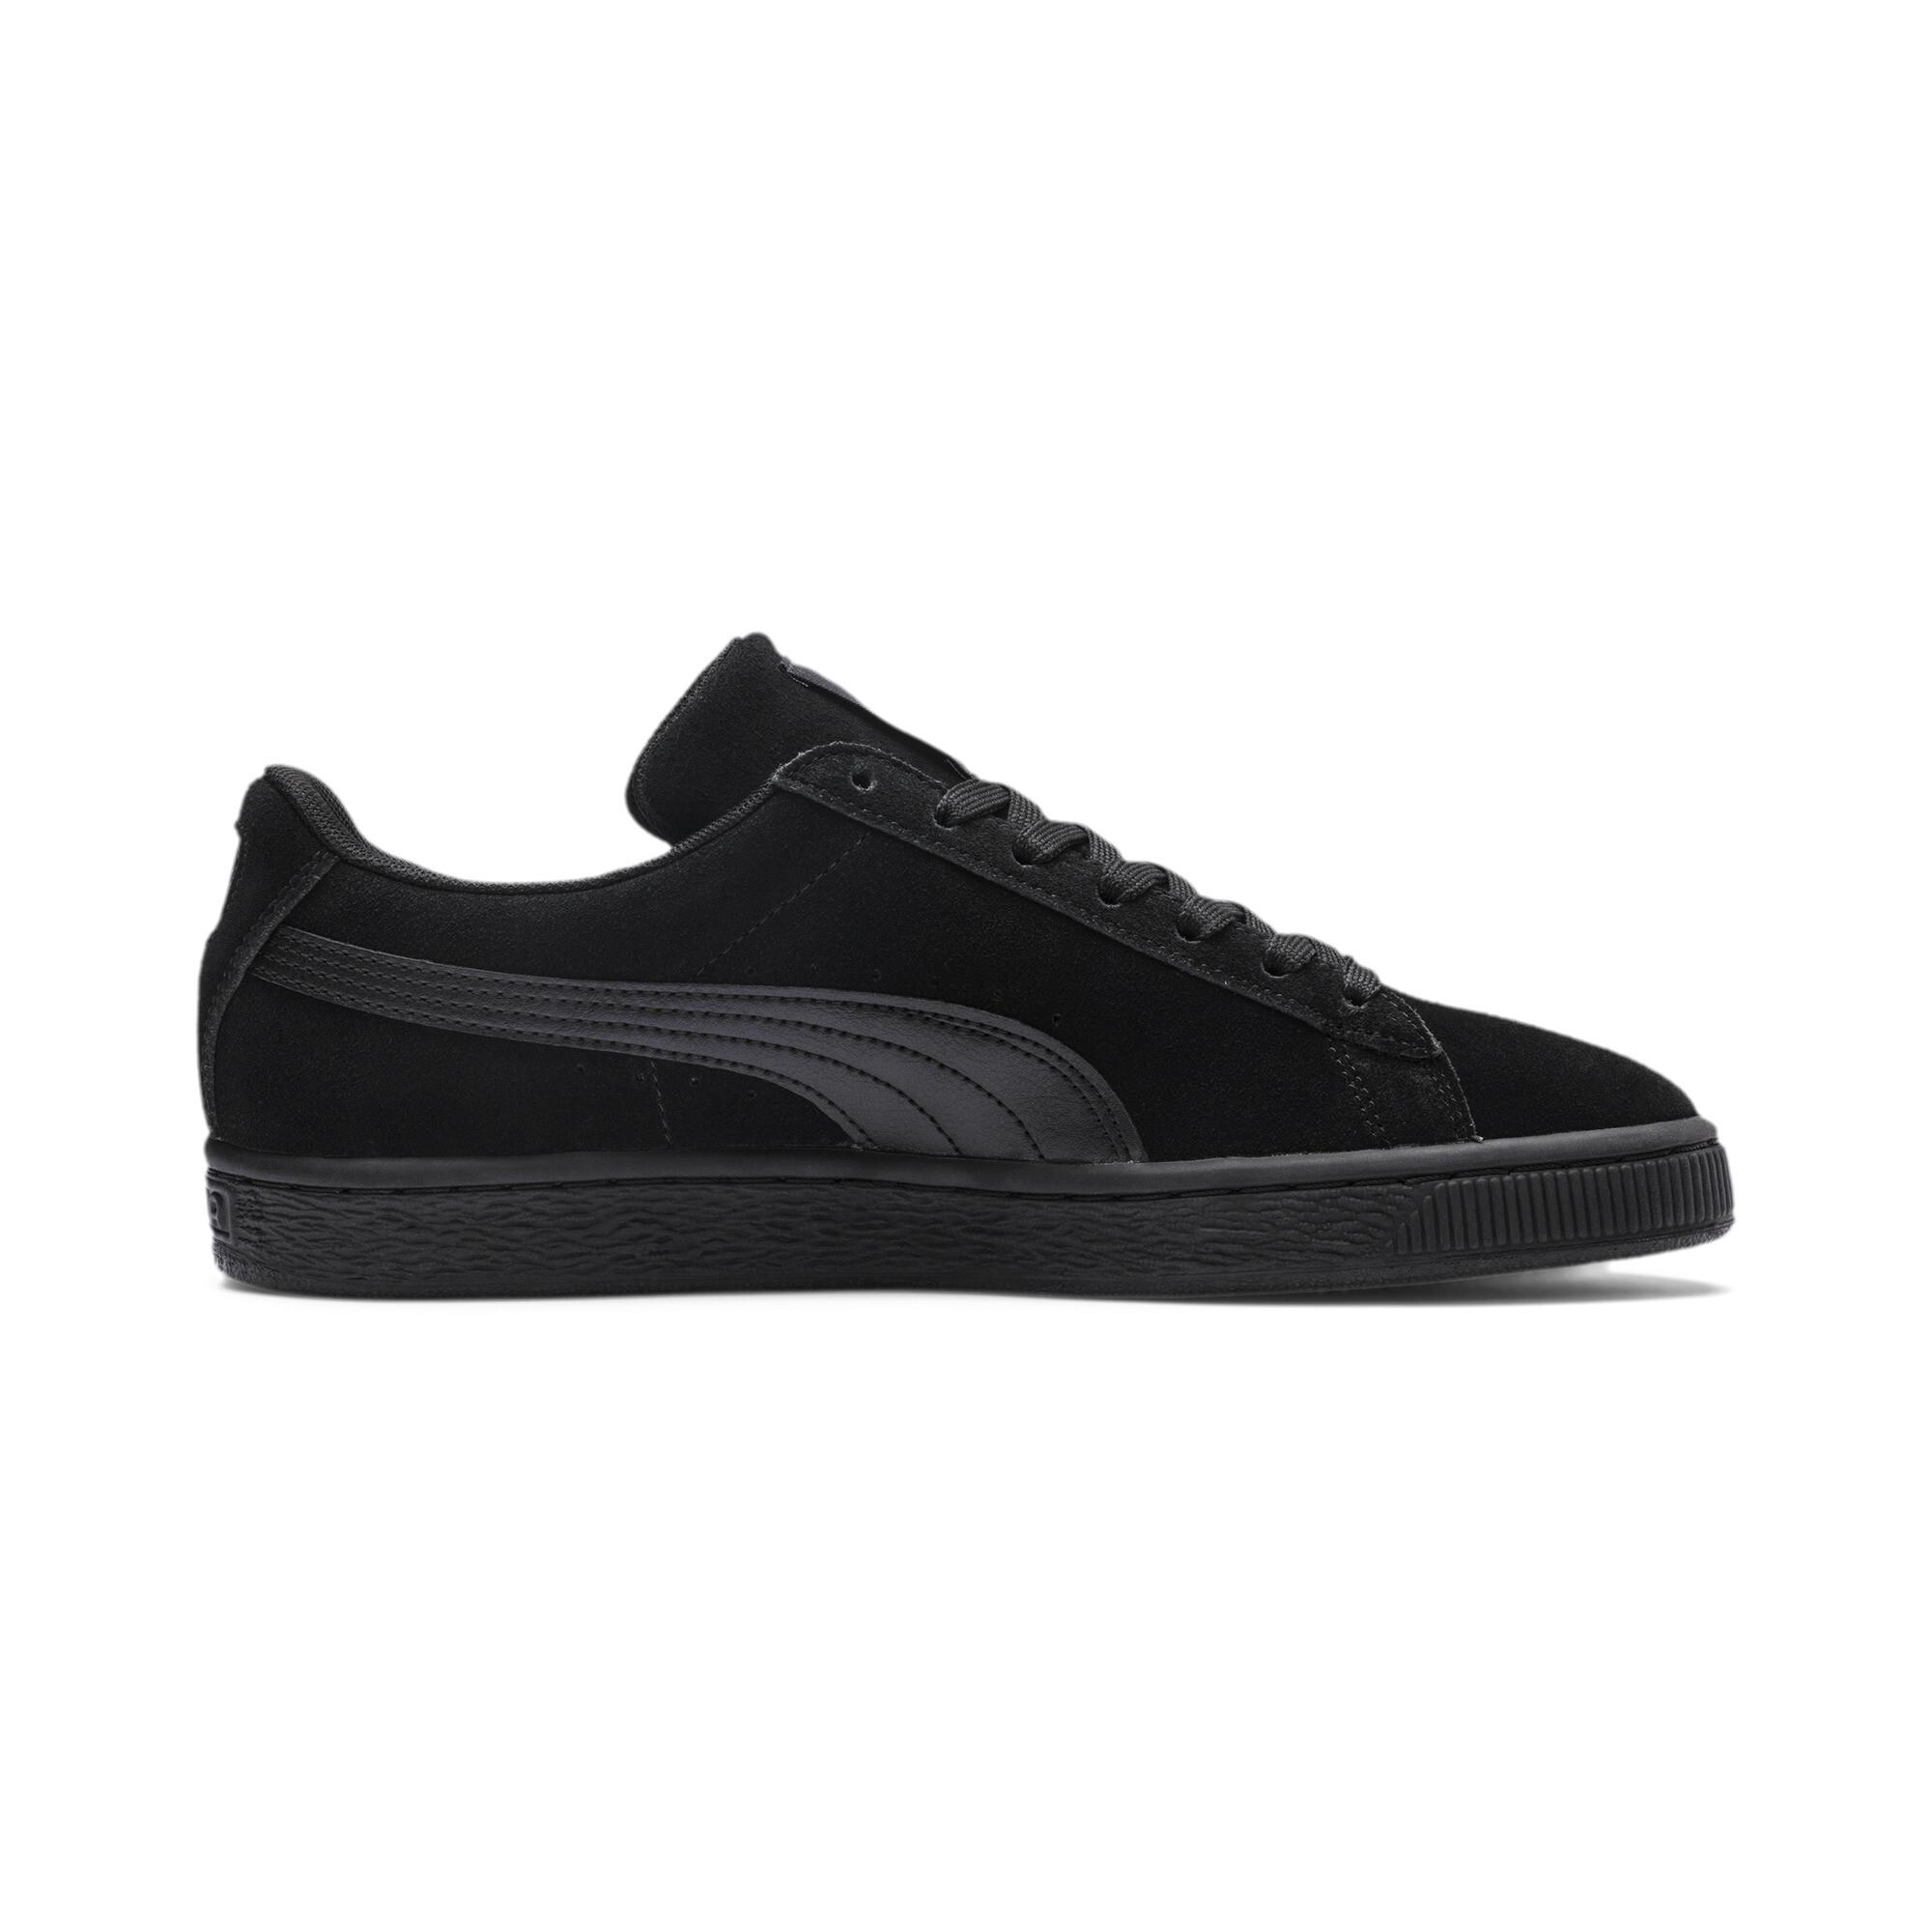 PUMA-Suede-Classic-LFS-Men-039-s-Sneakers-Men-Shoe-Casual-Shoe thumbnail 6